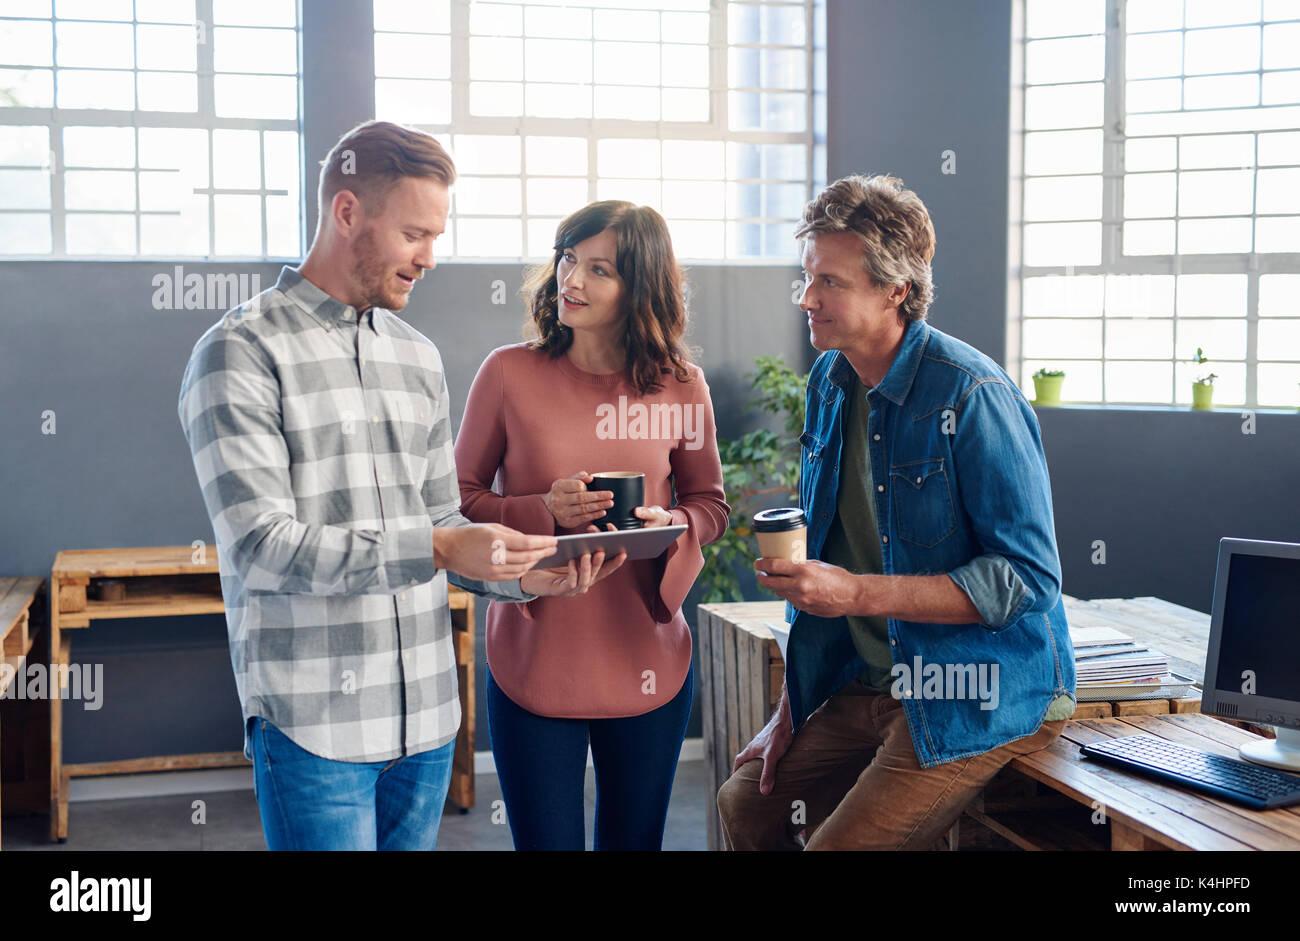 Drei Lachelnd Buro Kollegen Sprechen Uber Ein Digitales Tablette